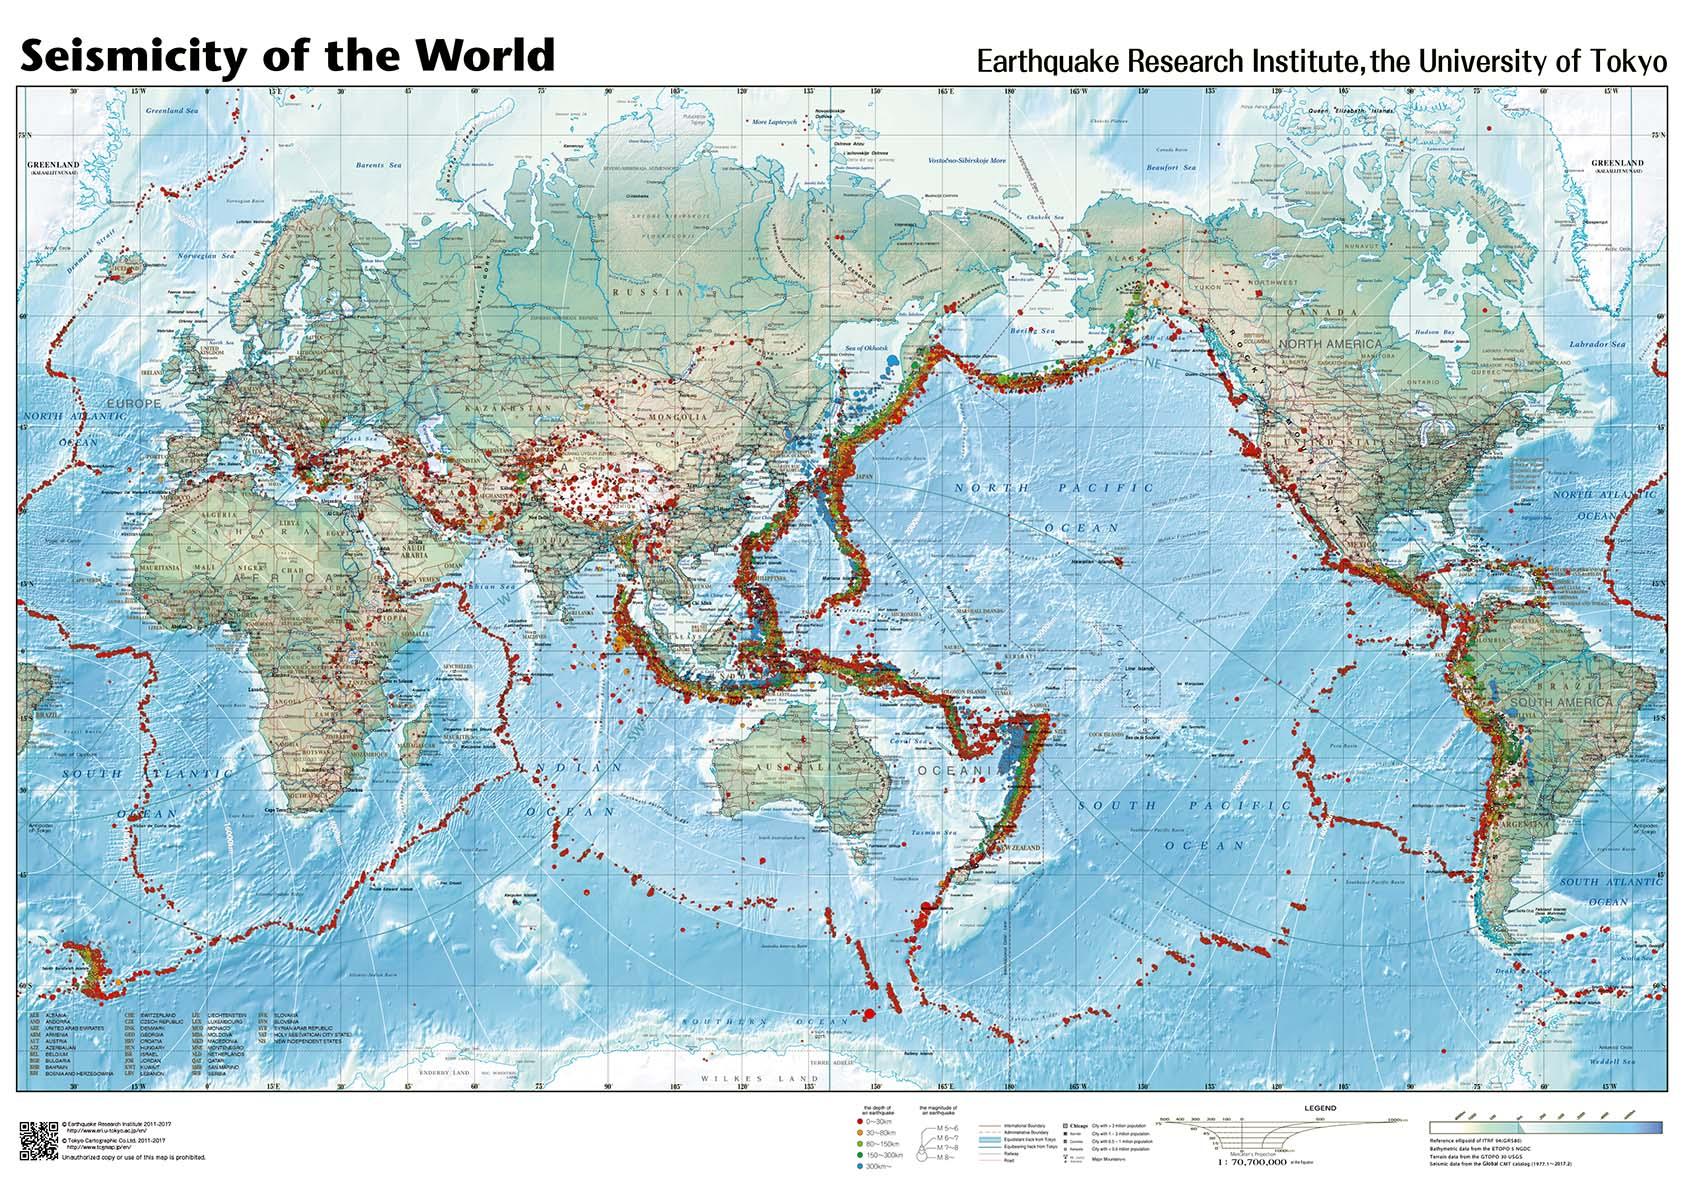 世界震源地図(英)とペンタグローブのデータを更新